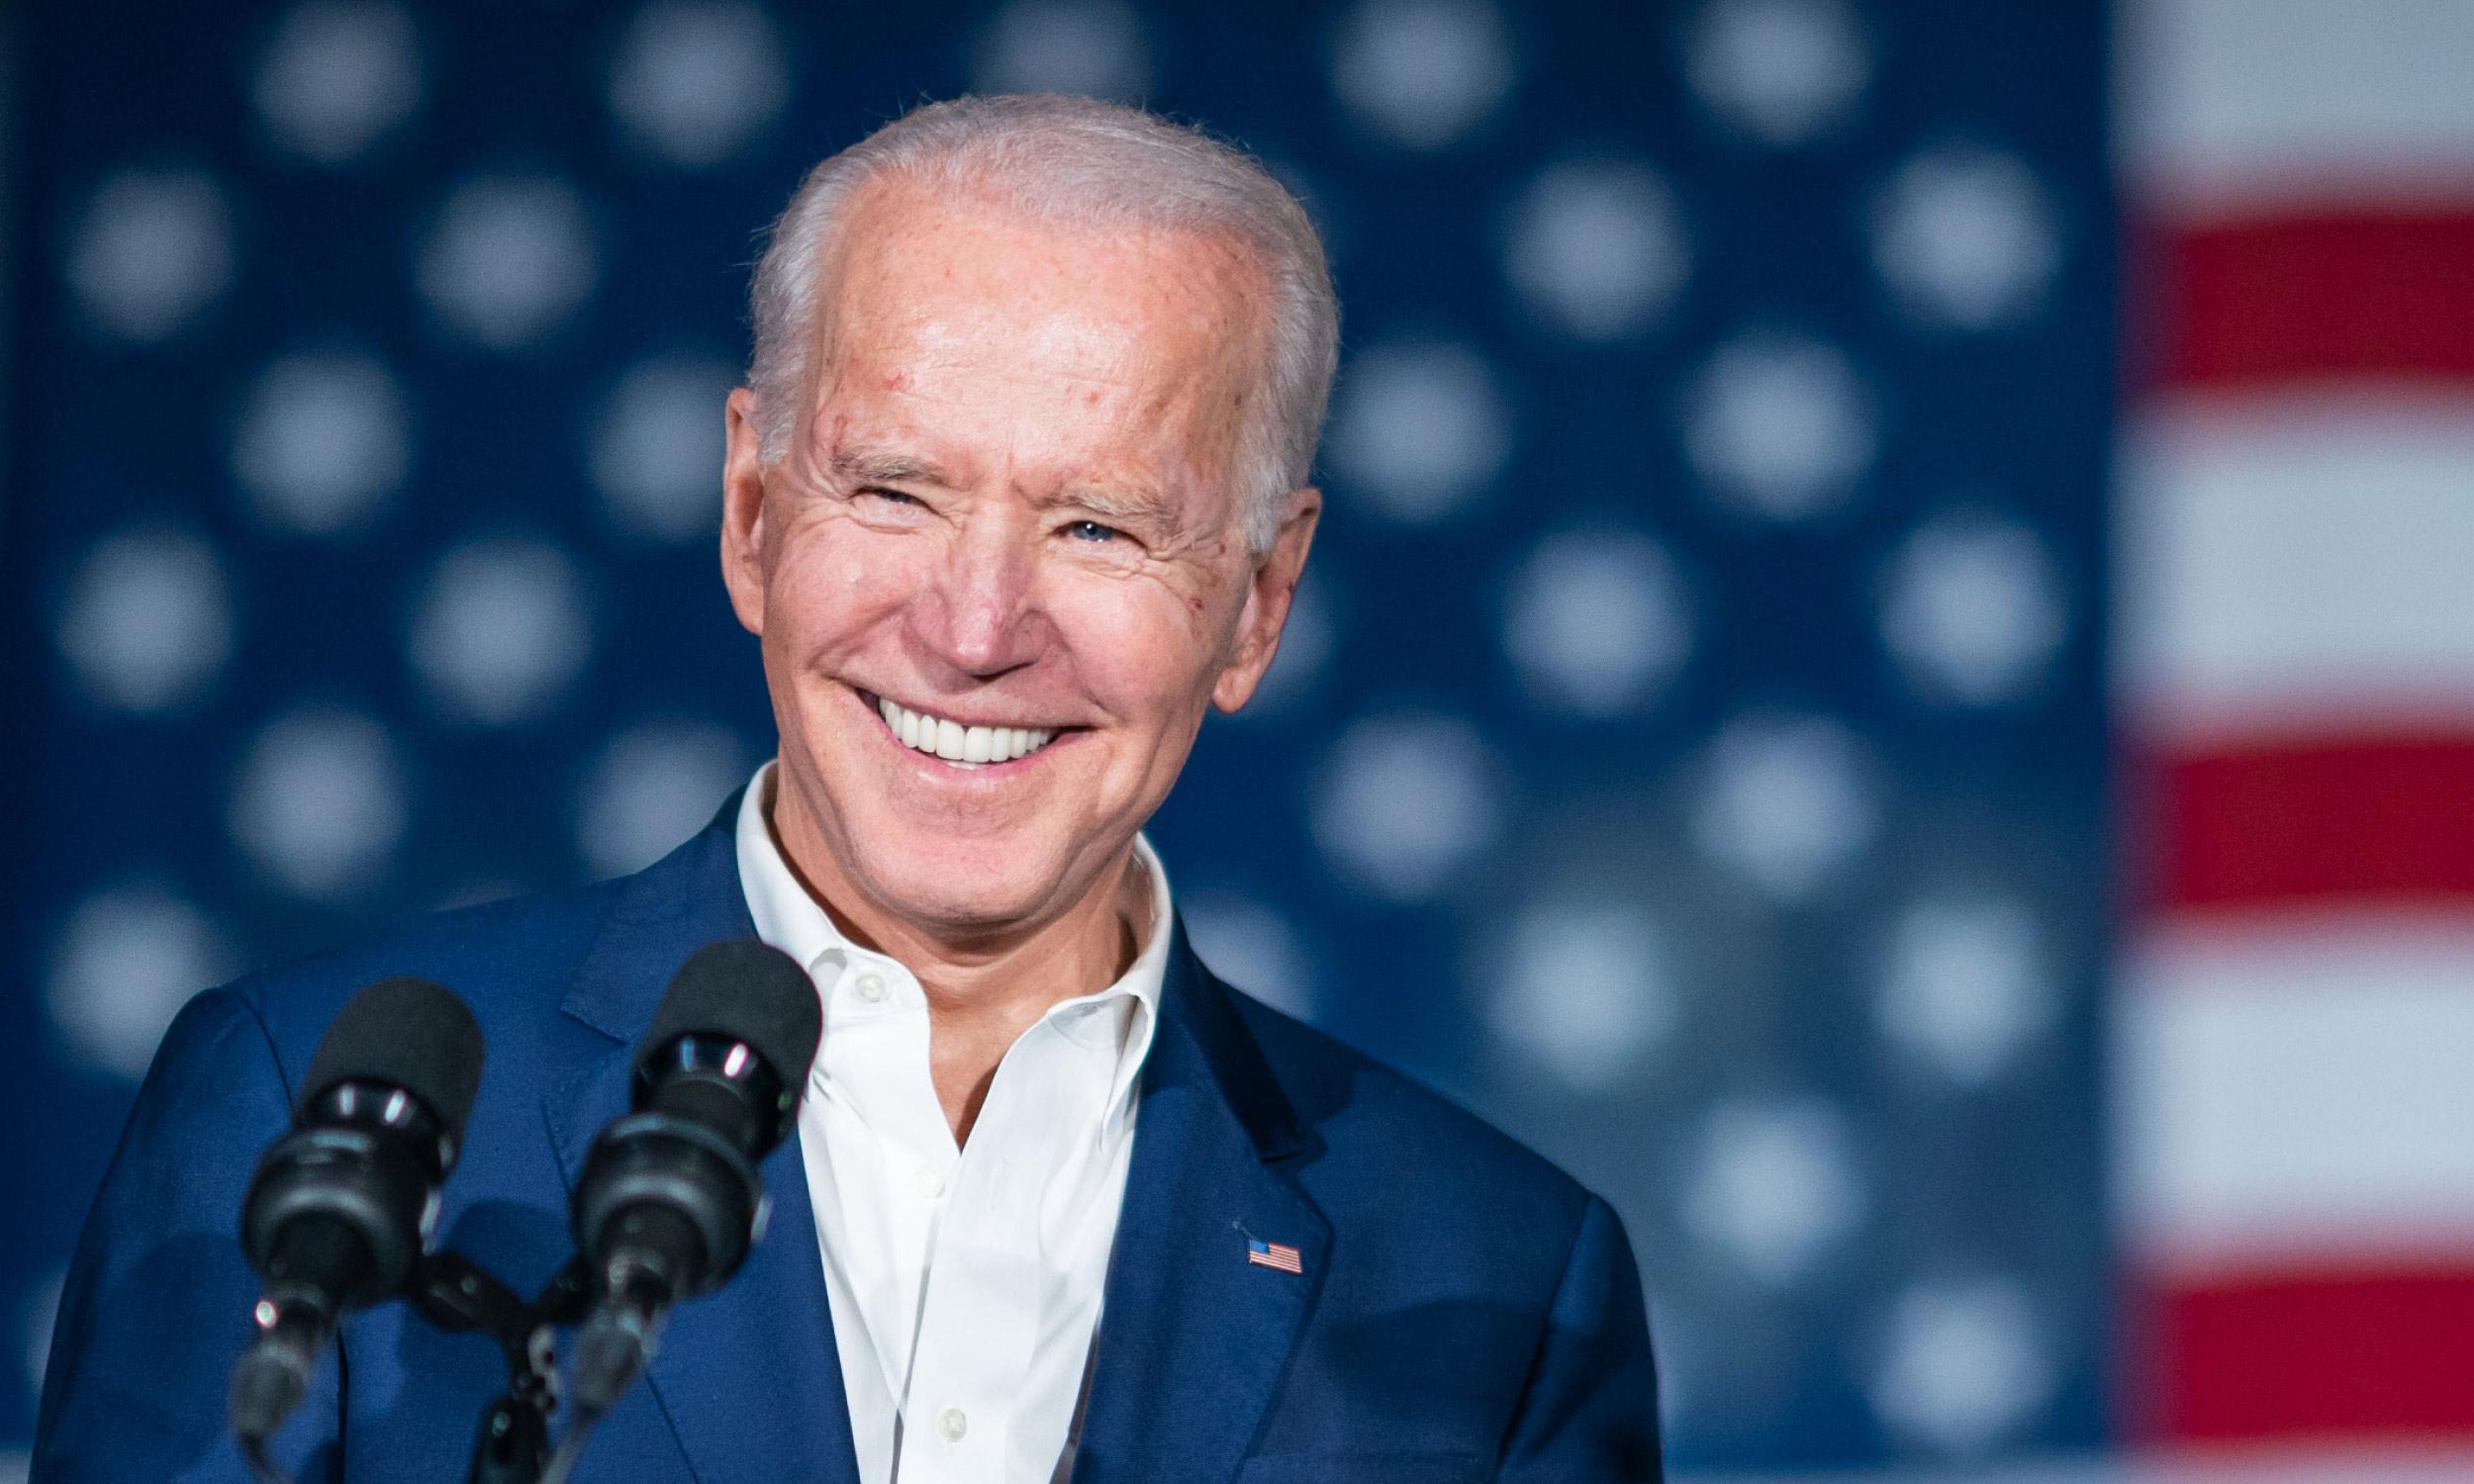 President Joe Biden Is Expected To Announce Executive Actions On Gun Control Thursday